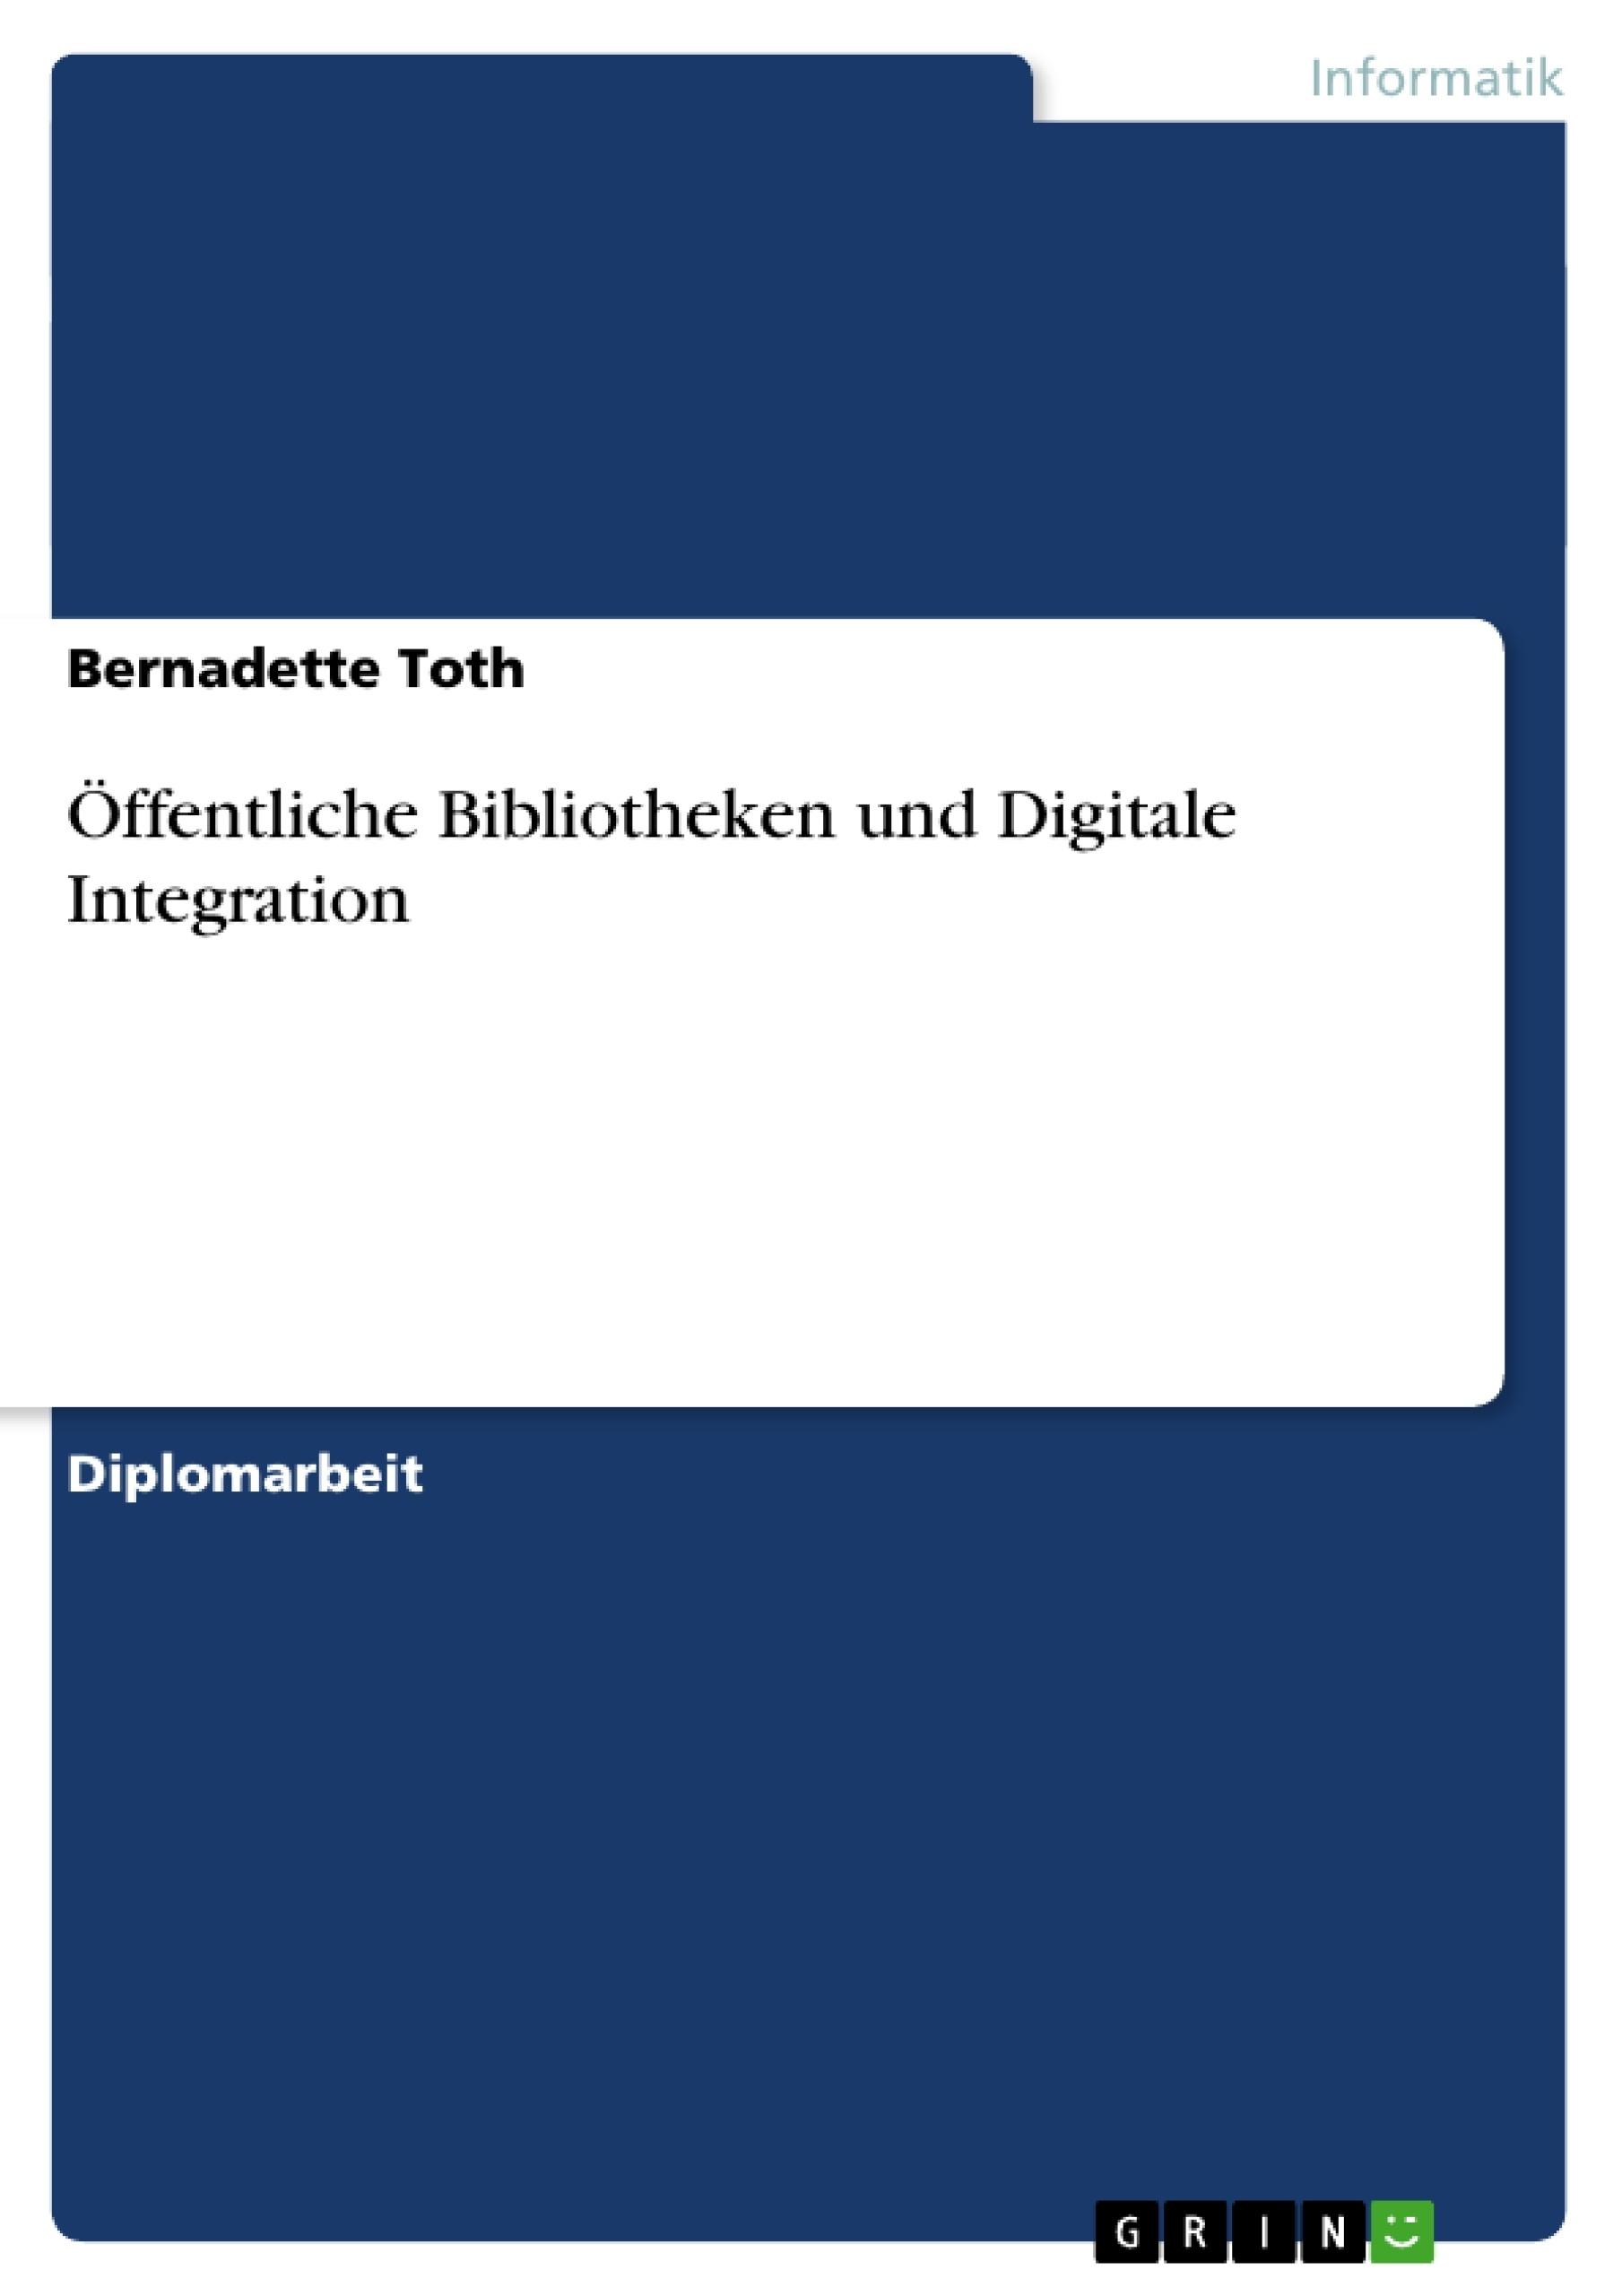 Titel: Öffentliche Bibliotheken und Digitale Integration